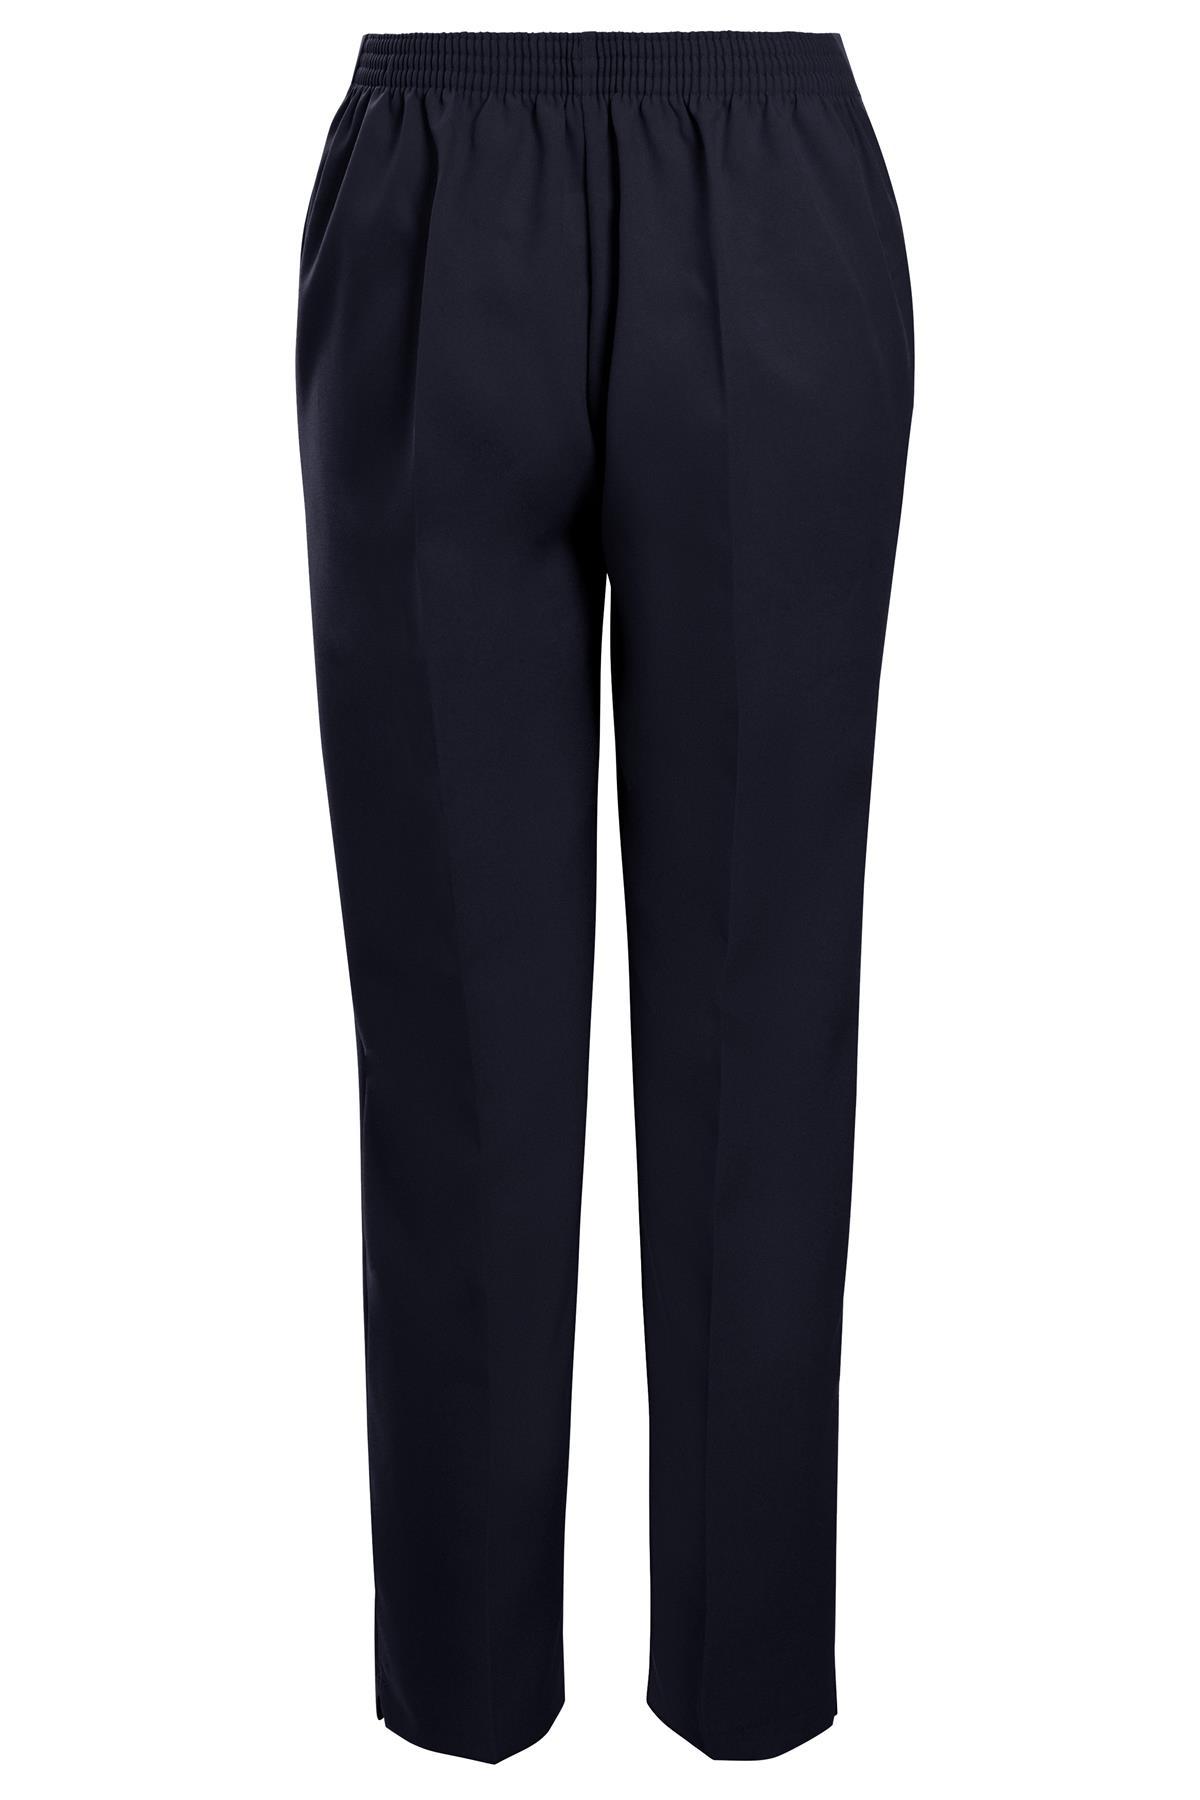 Da DONNA HALF VITA ELASTICIZZATA Stretch Casual Pull On Gamba Dritta Pantaloni Plus